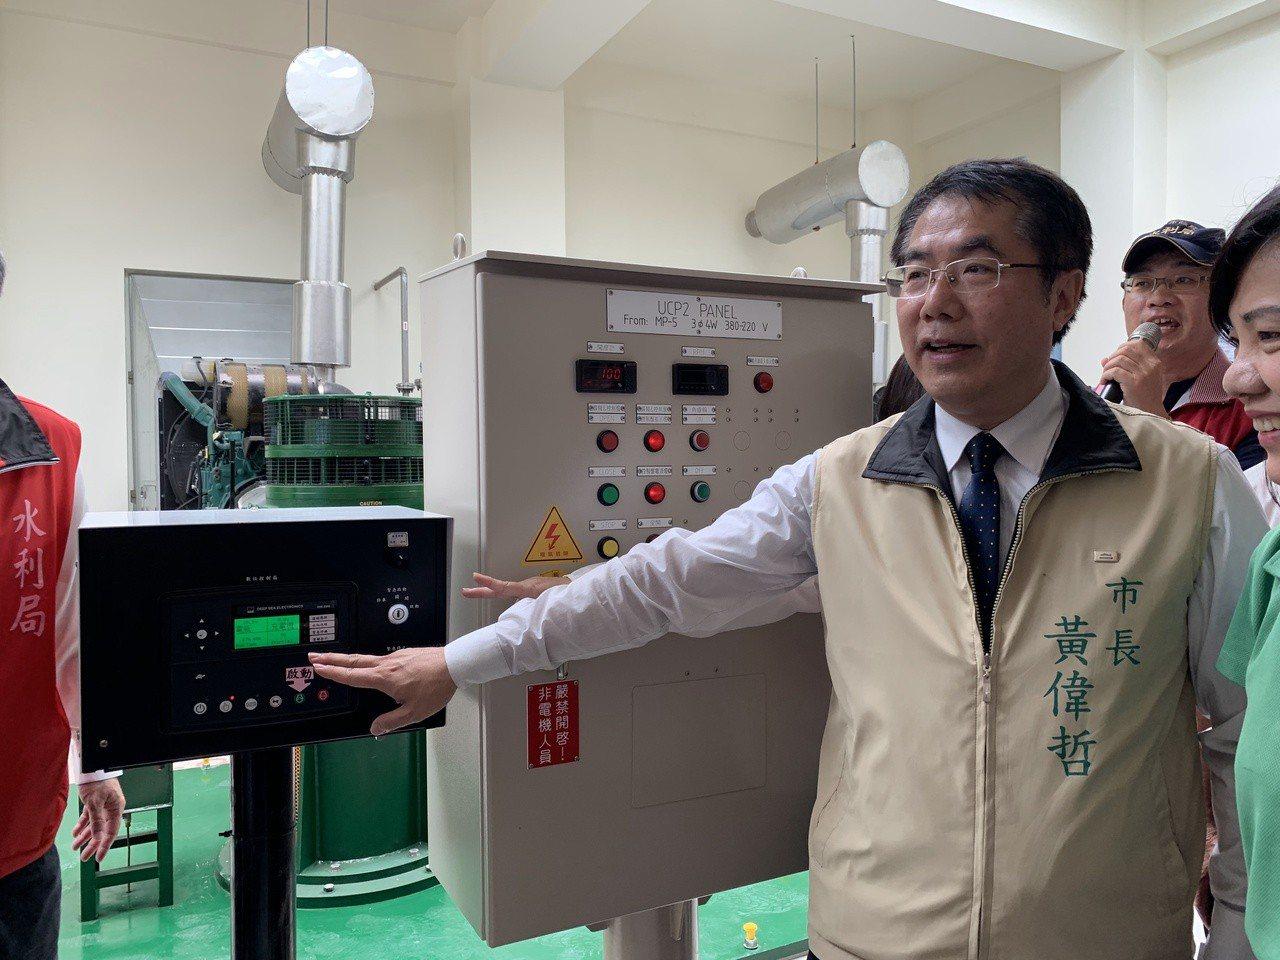 台南市長黃偉哲主持後壁區後鎮排水站竣工啟用。記者吳淑玲/攝影